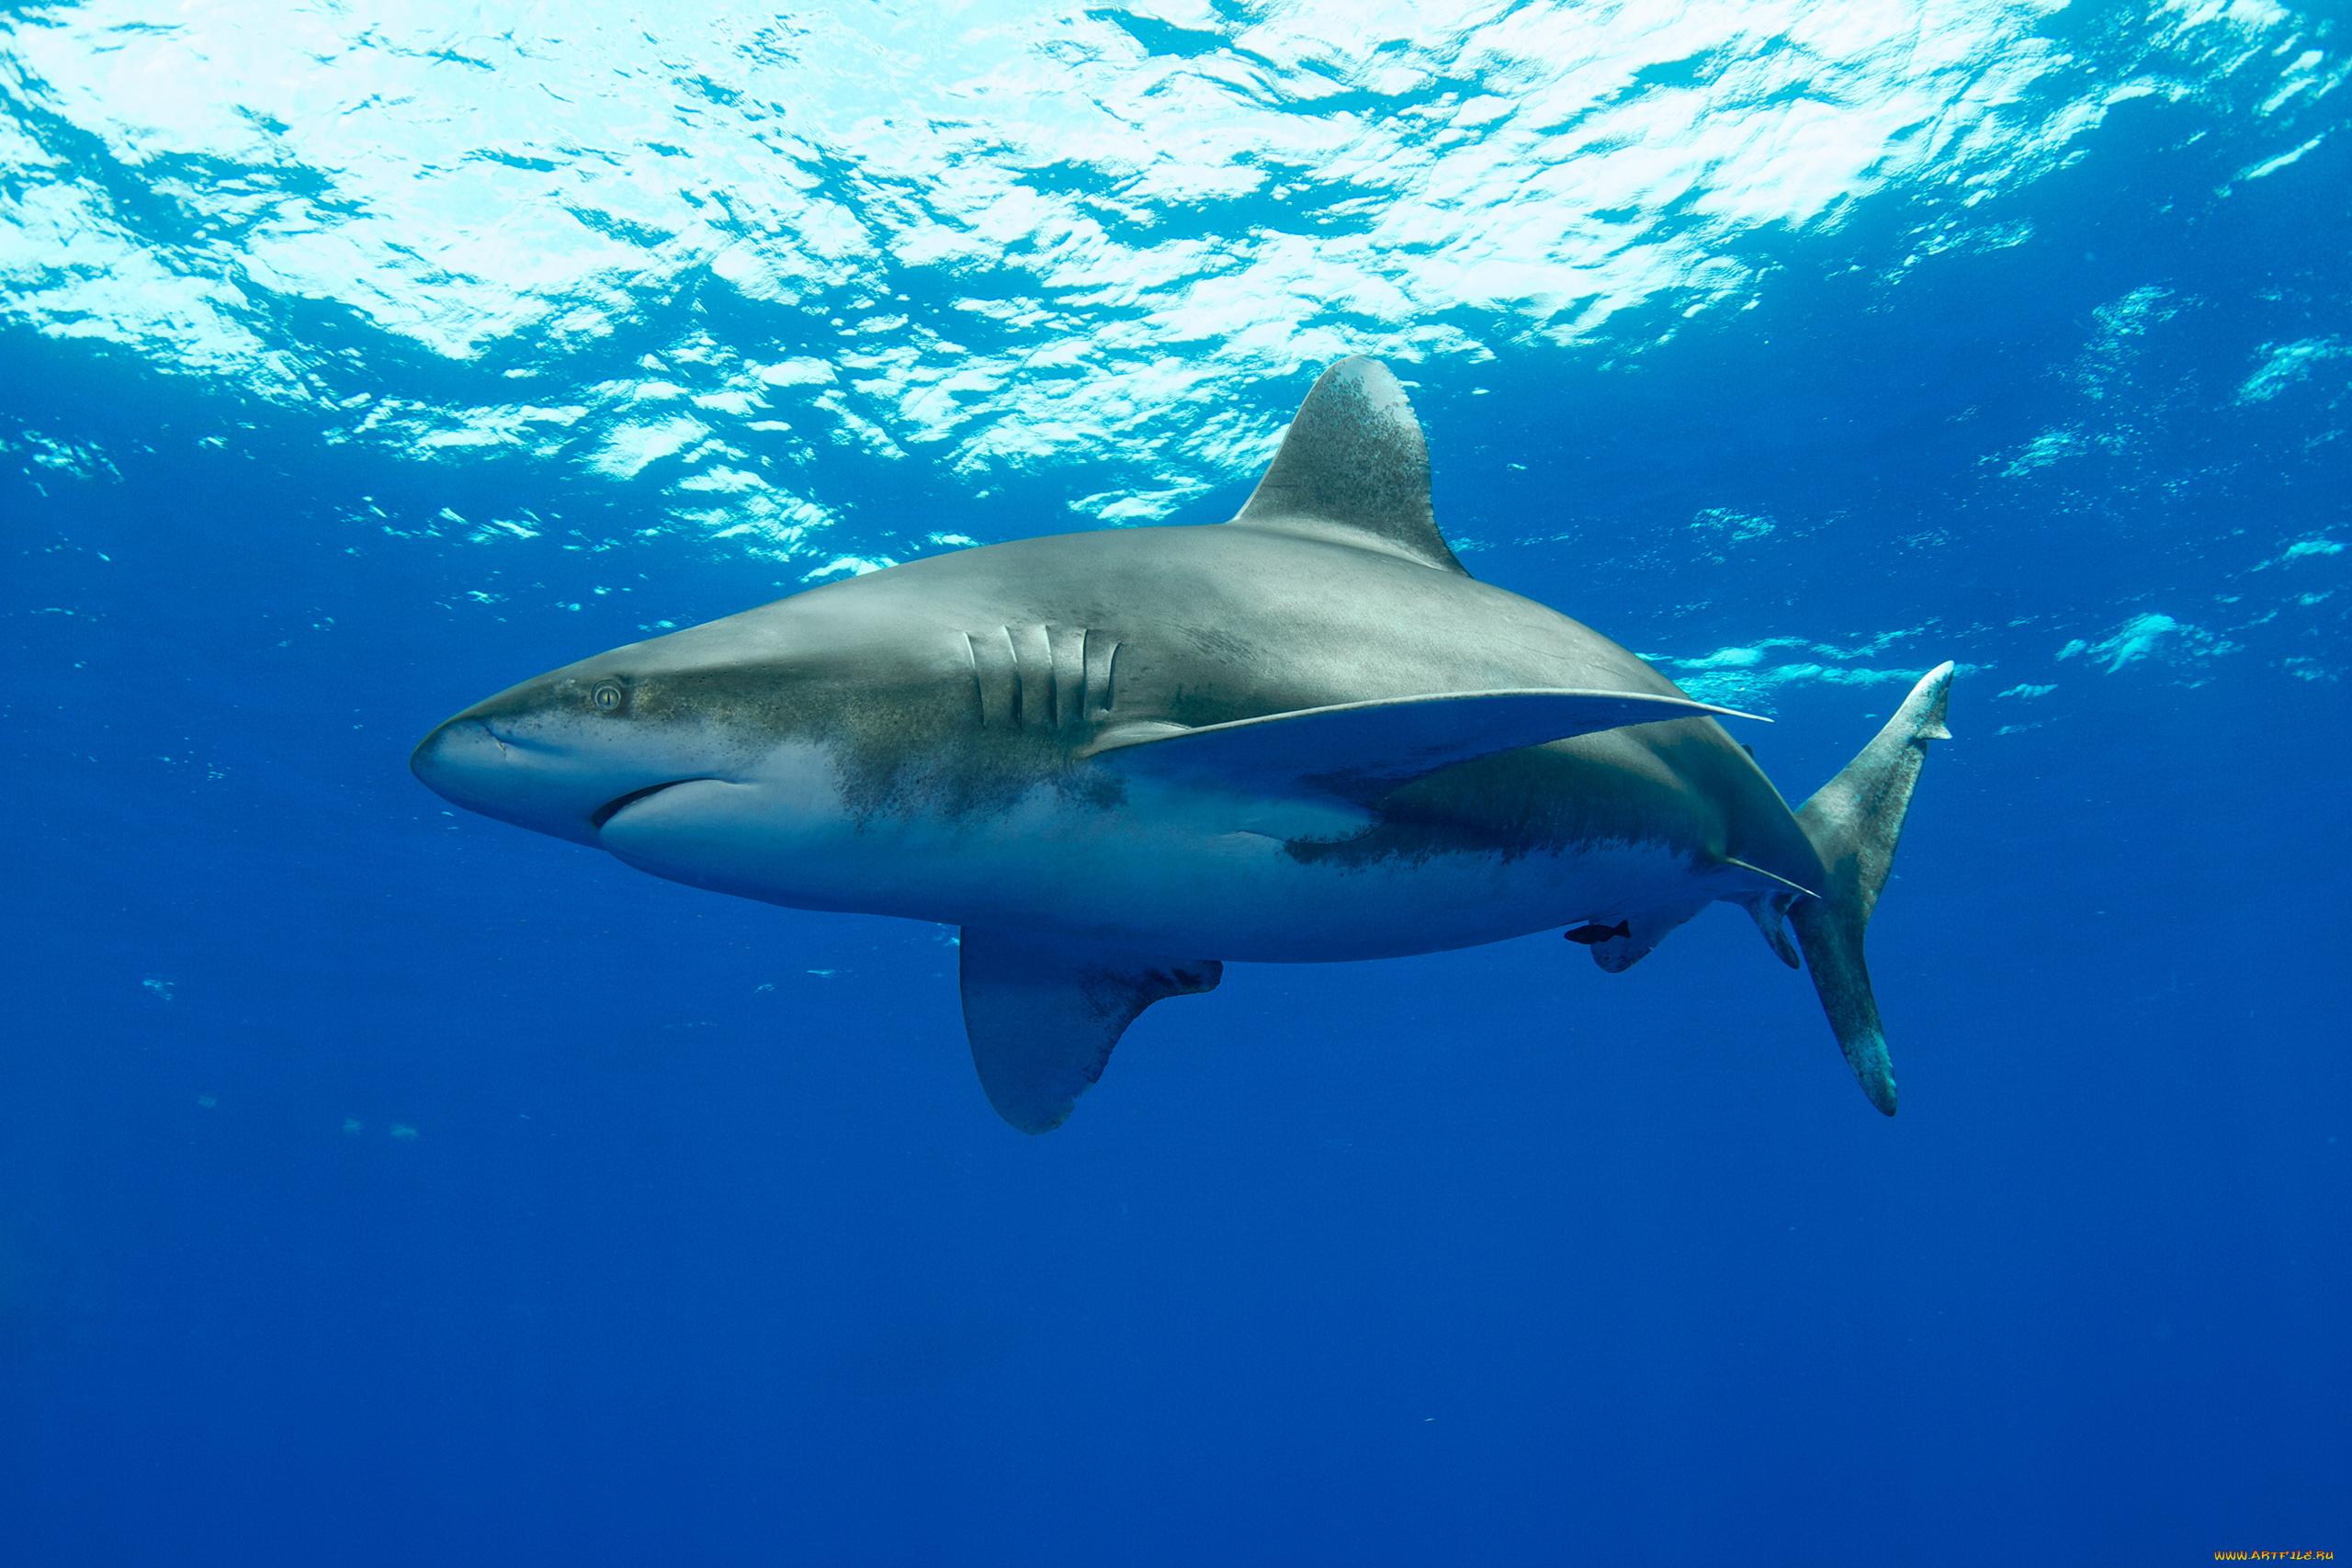 Картинка с акулой, красивые открытки гифки